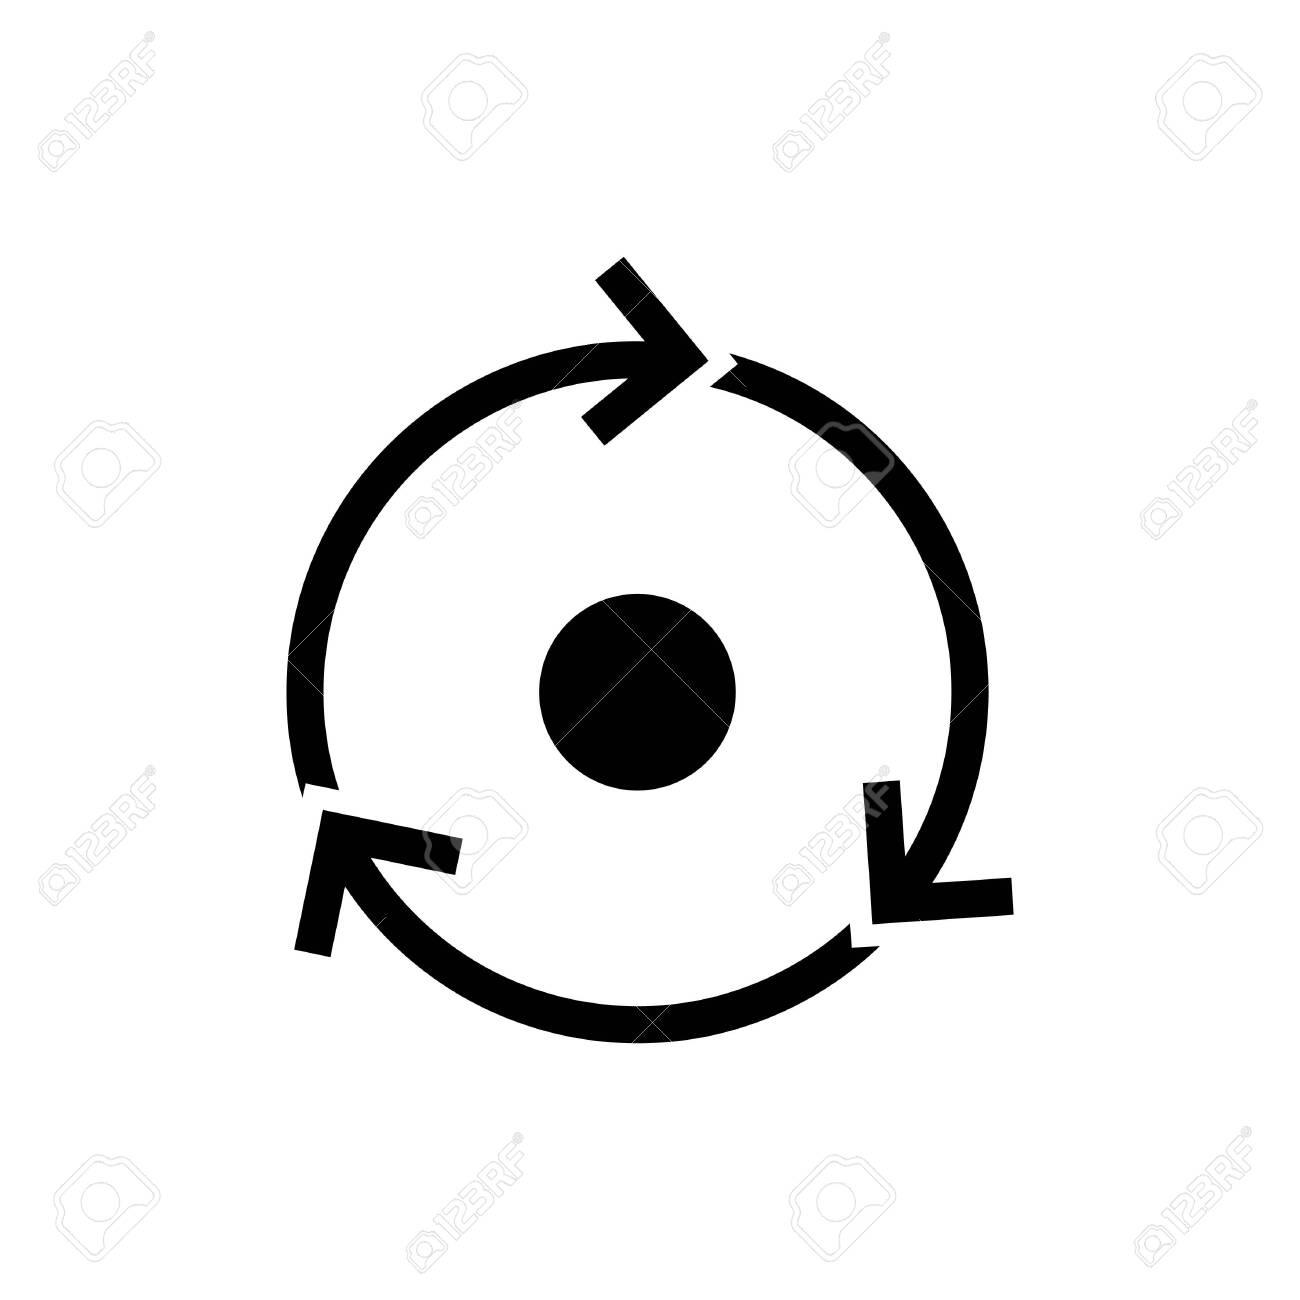 consistency icon, vector - 127292654